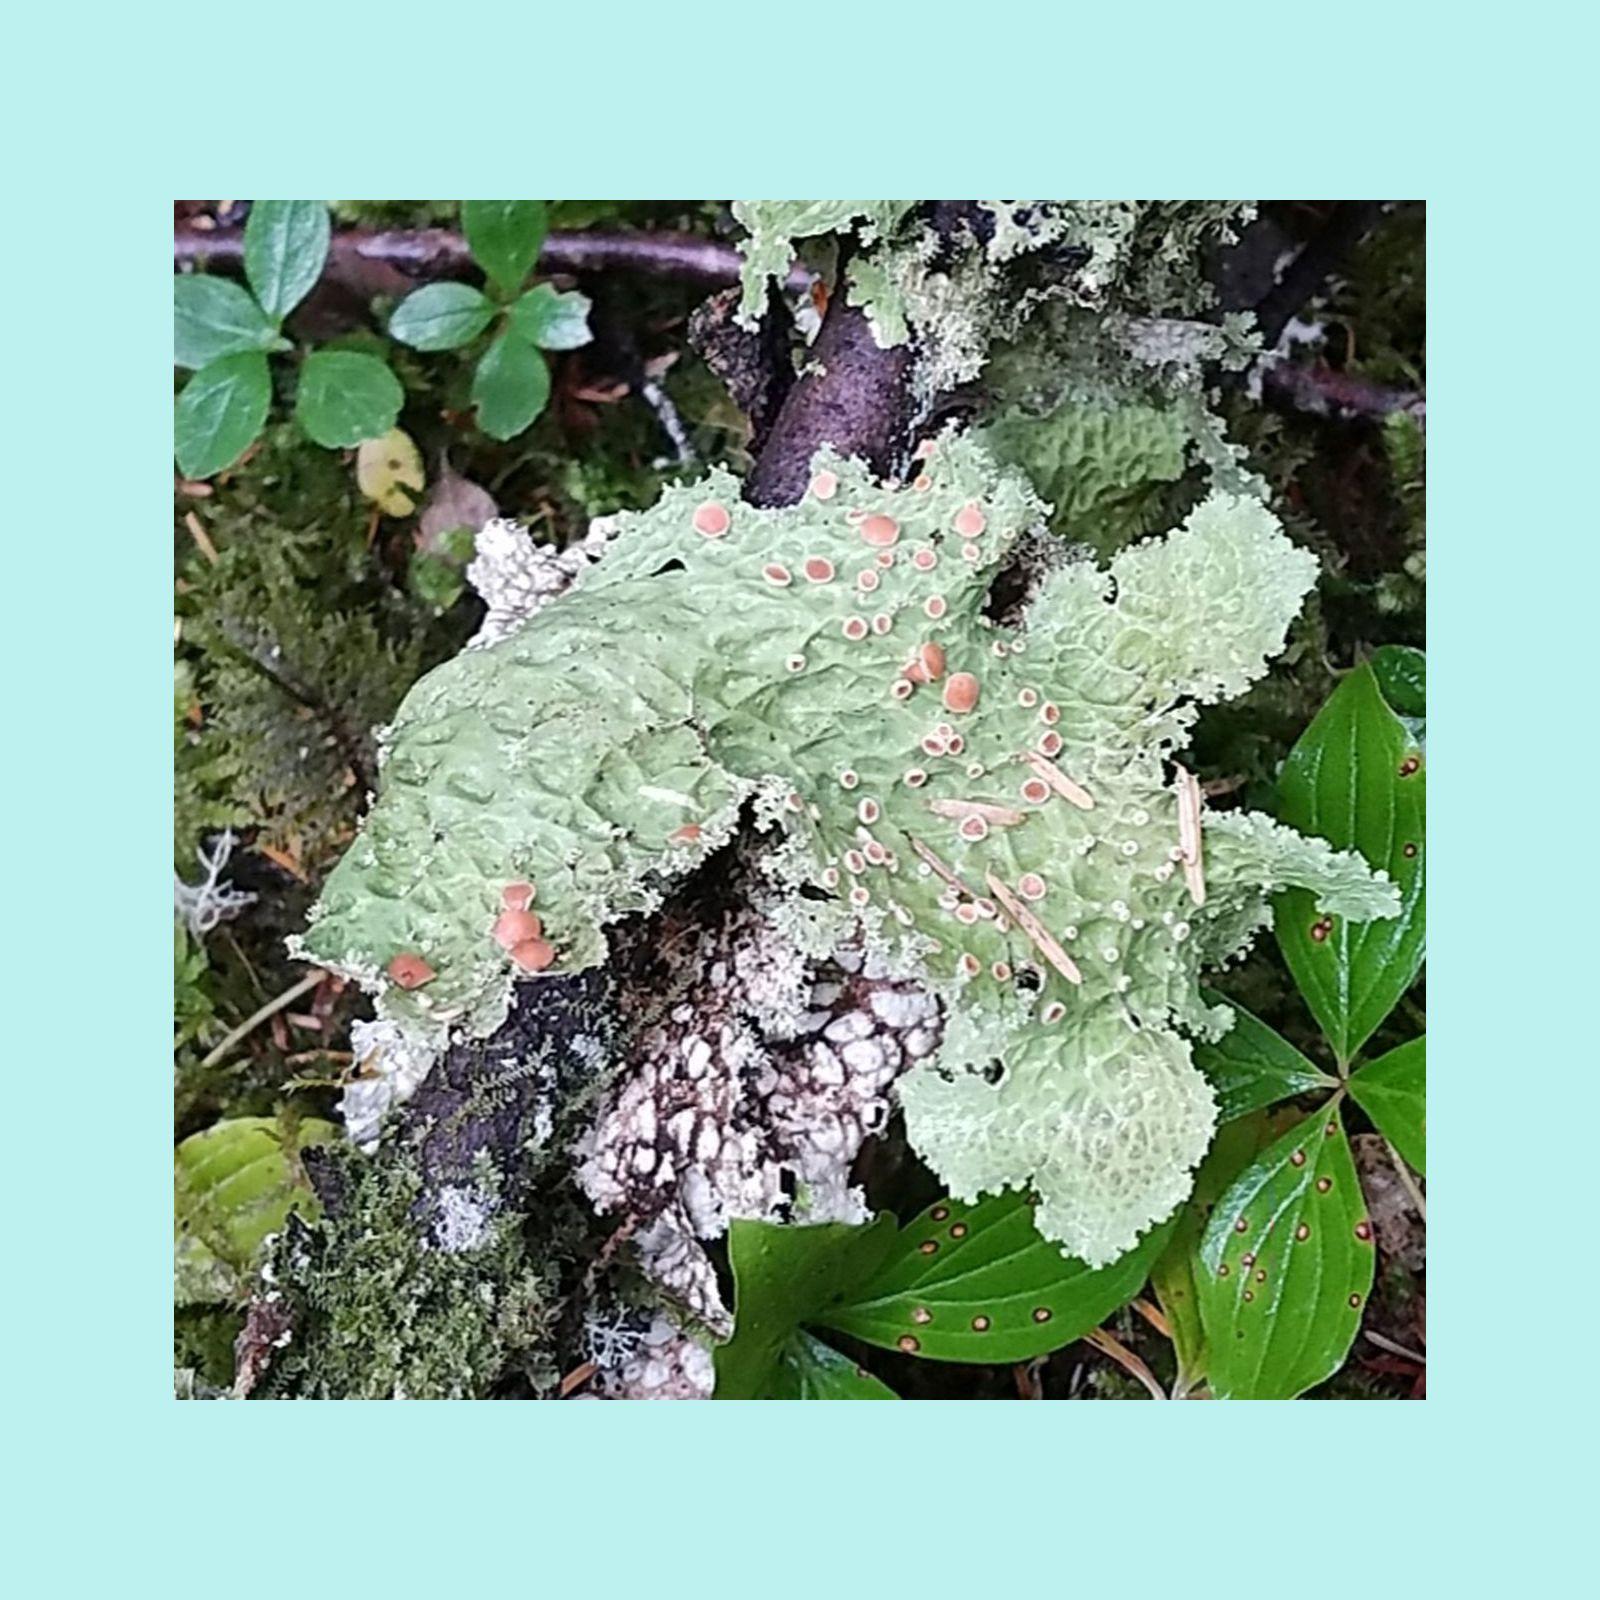 Fruiting Lichen